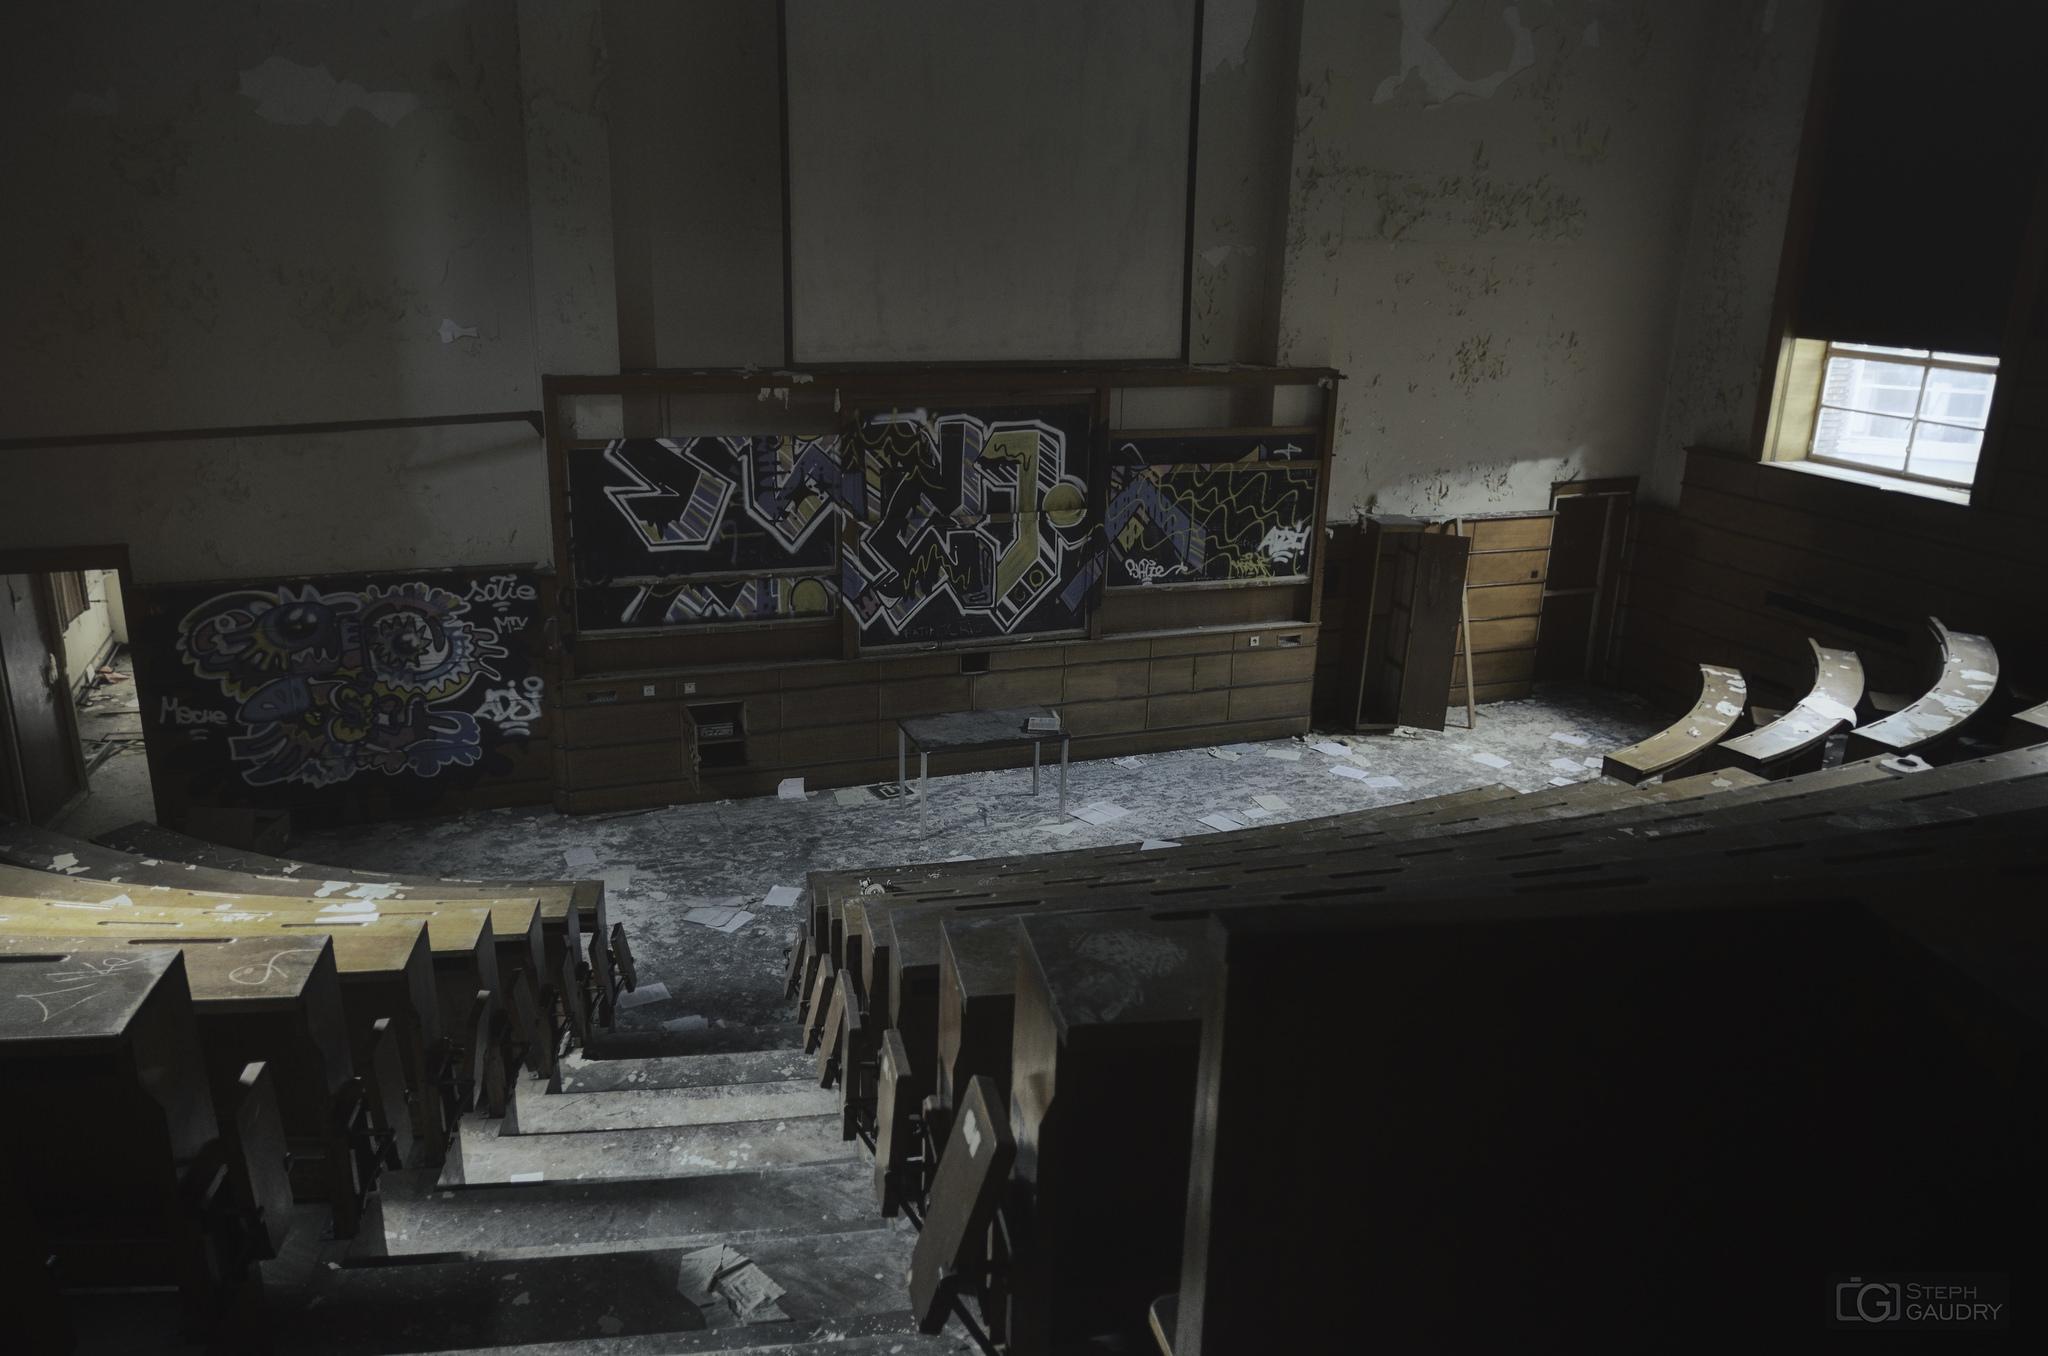 L'amphithéatre abandonné [Klicken Sie hier, um die Diashow zu starten]